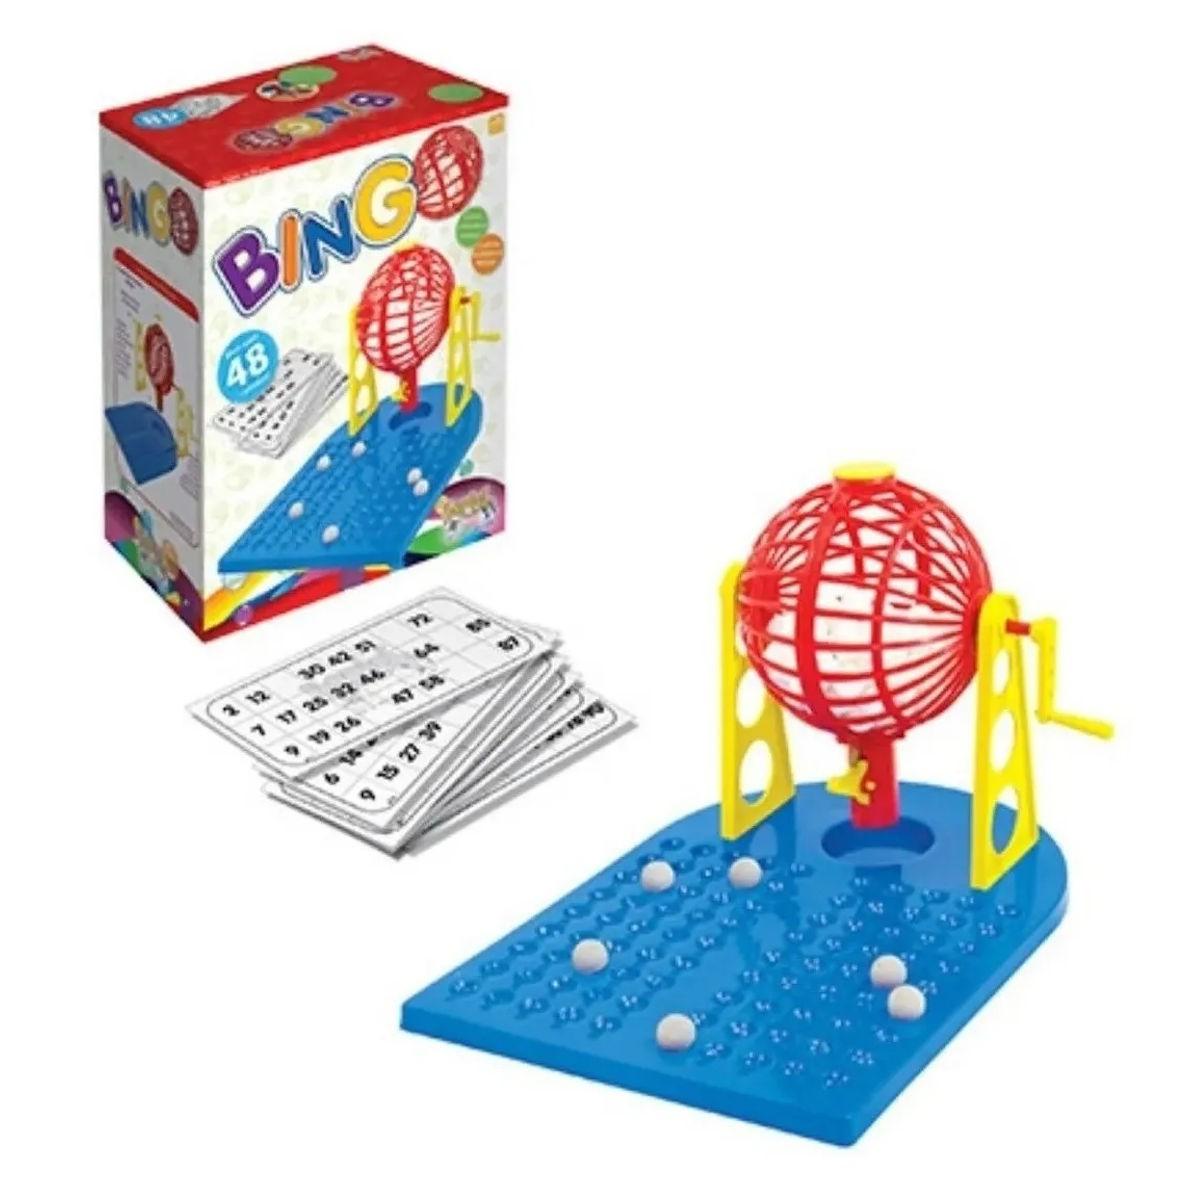 Jogo Bingo Kepler p/ Adultos e Crianças c/ 48 Cartelas